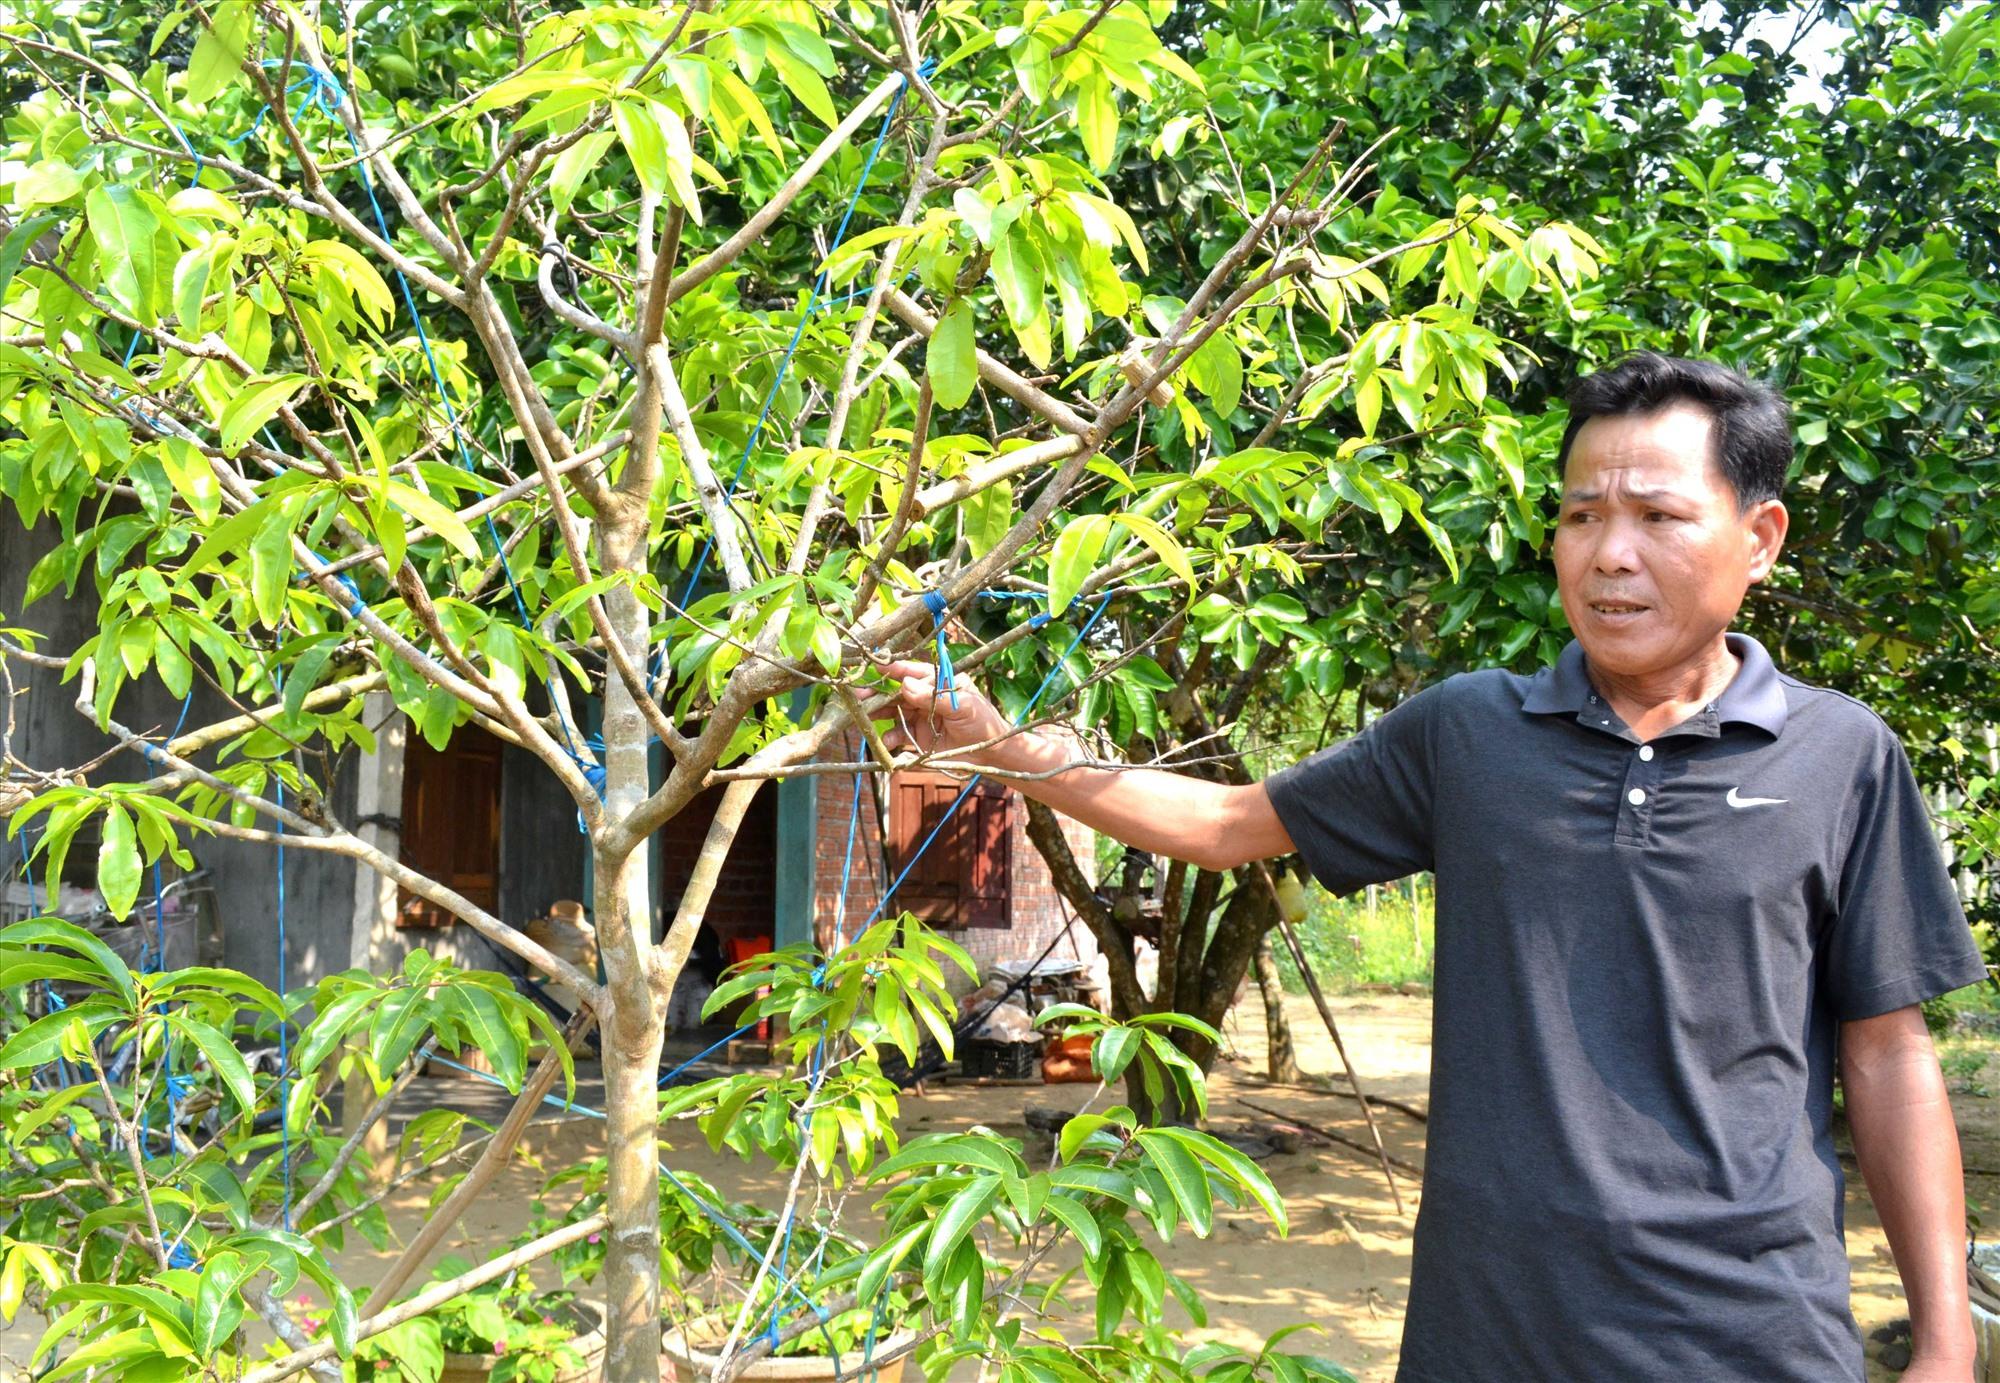 Trồng, chăm sóc cây cảnh giúp gia đình ông Thanh có nguồn thu nhập ổn định. Ảnh: VIỆT NGUYỄN